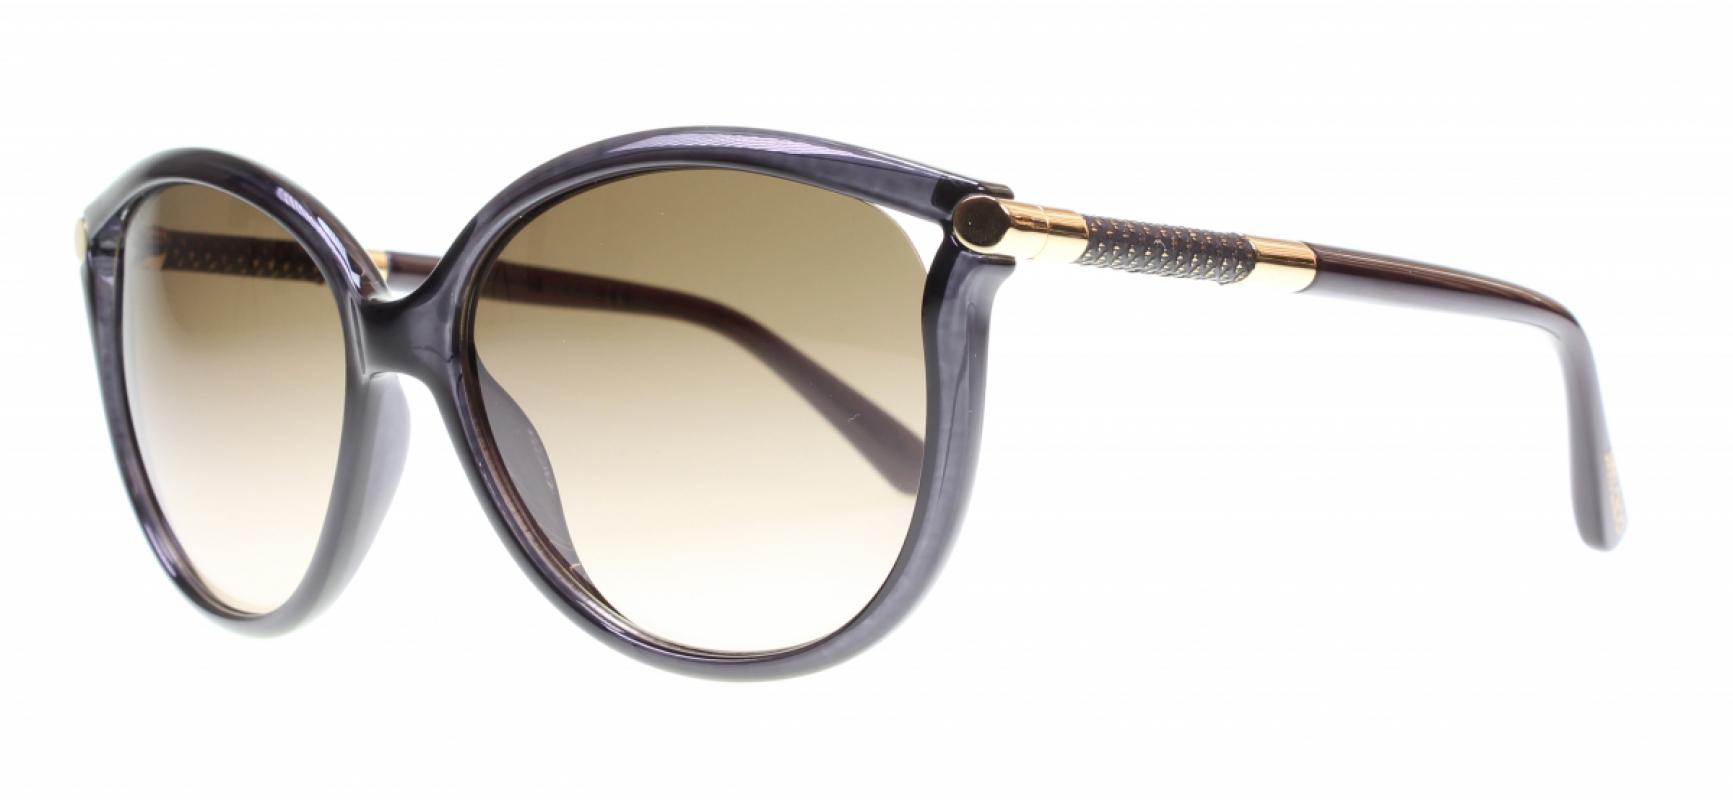 5ea79d47541 ... Sunglasses Jimmy Choo GIORGY S QCN Grey.  google giorgysqcn7627536941402.jpg